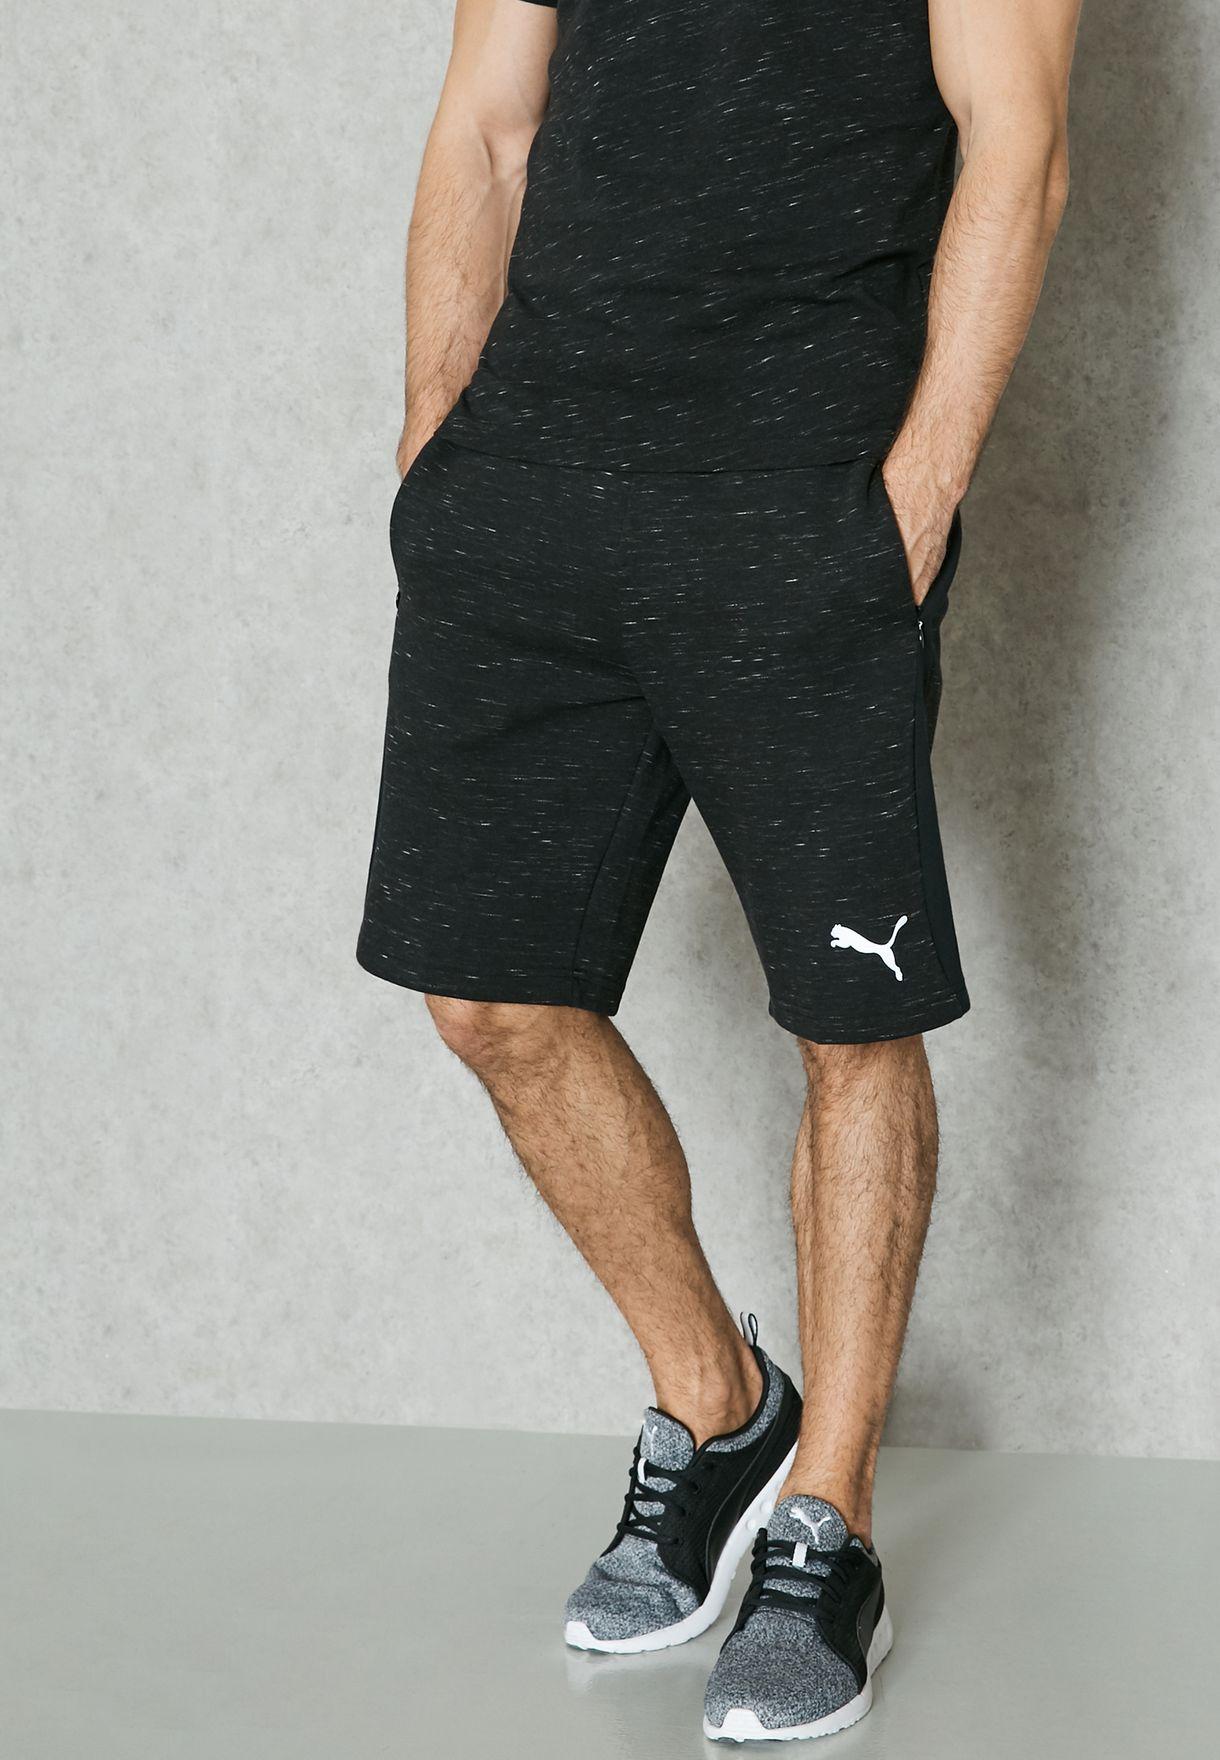 6f471f196c3e Shop PUMA black Evostripe Spaceknit Shorts 59062901 for Men in UAE -  PU020AT31ECY